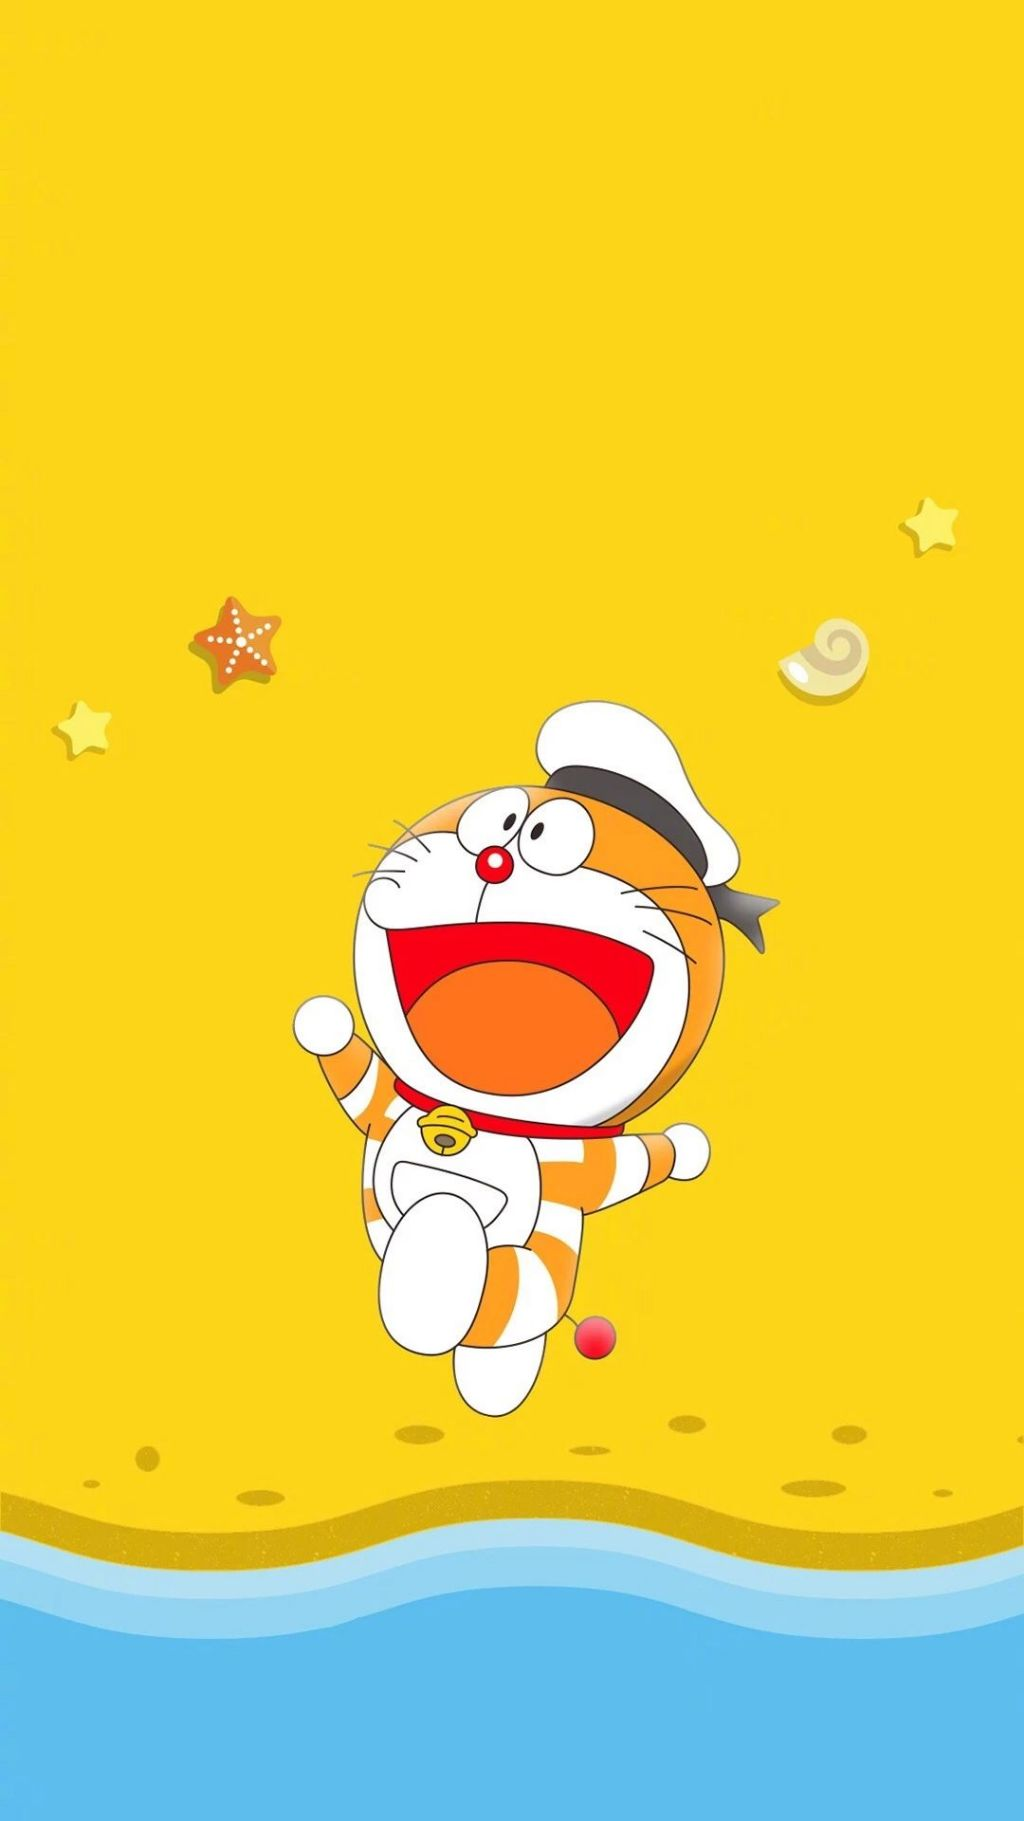 哆啦A梦壁纸:可爱哆啦A梦蓝胖子手机壁纸插图83